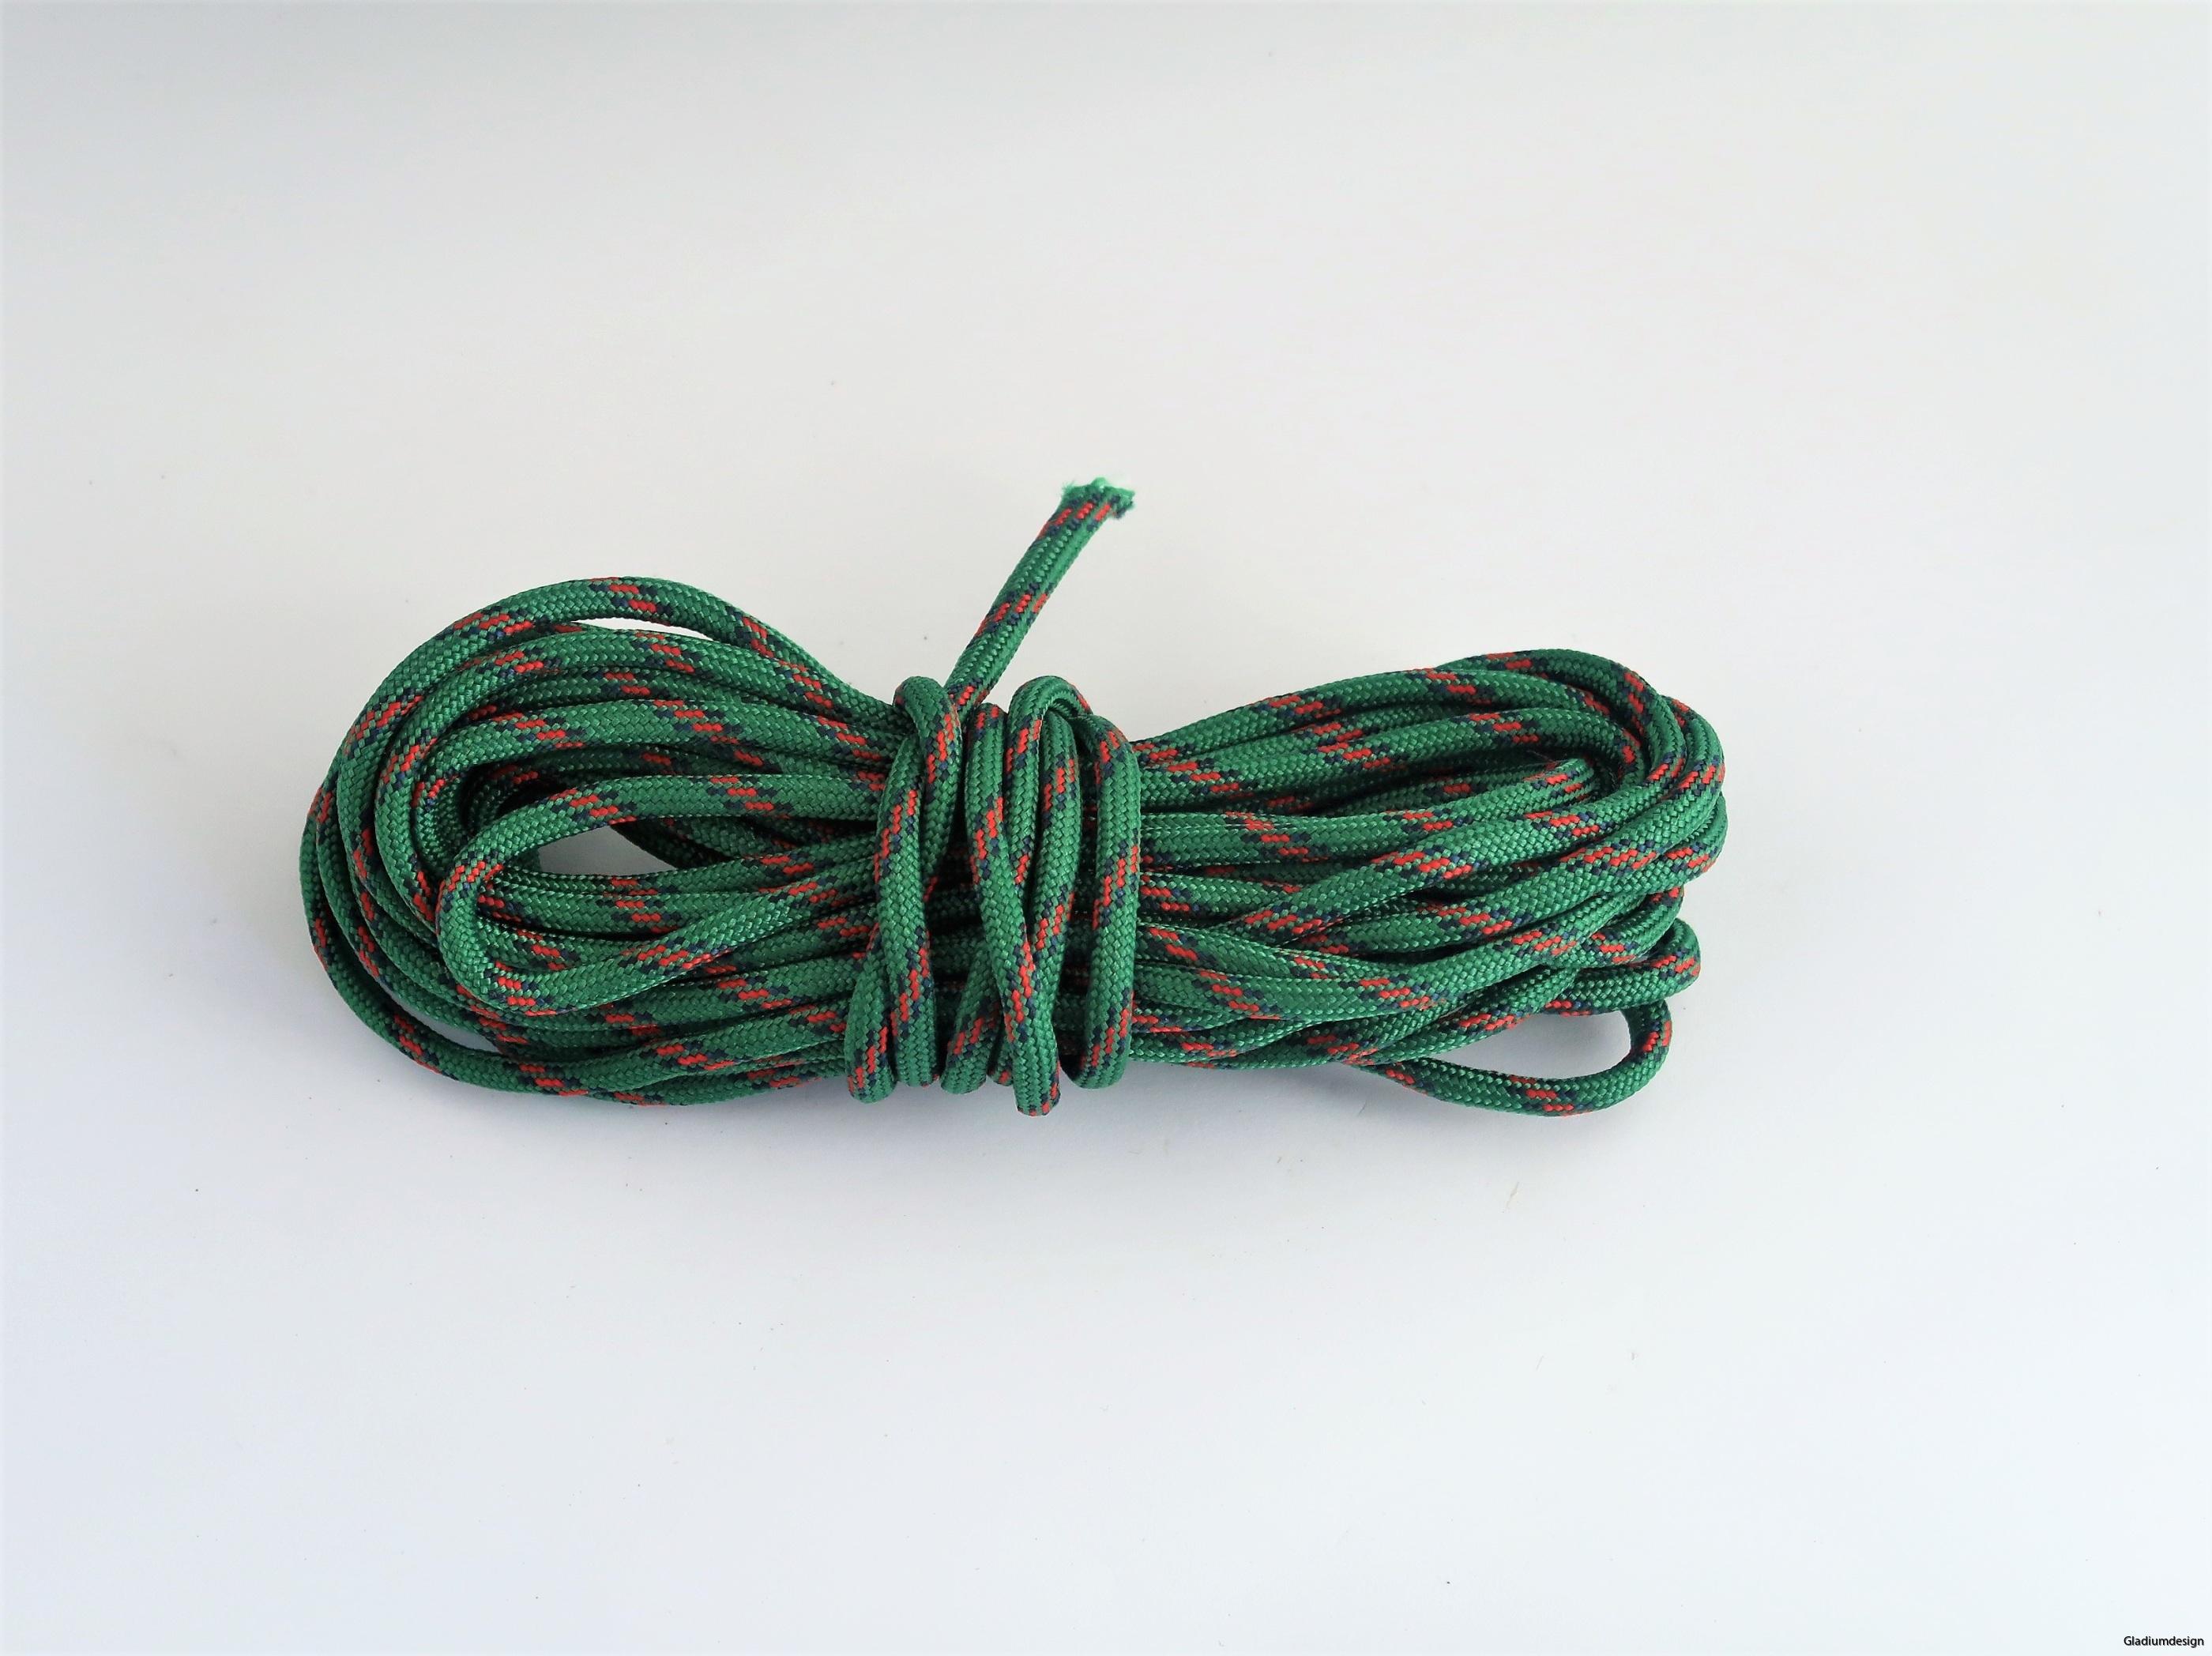 Grön/svart Paracord